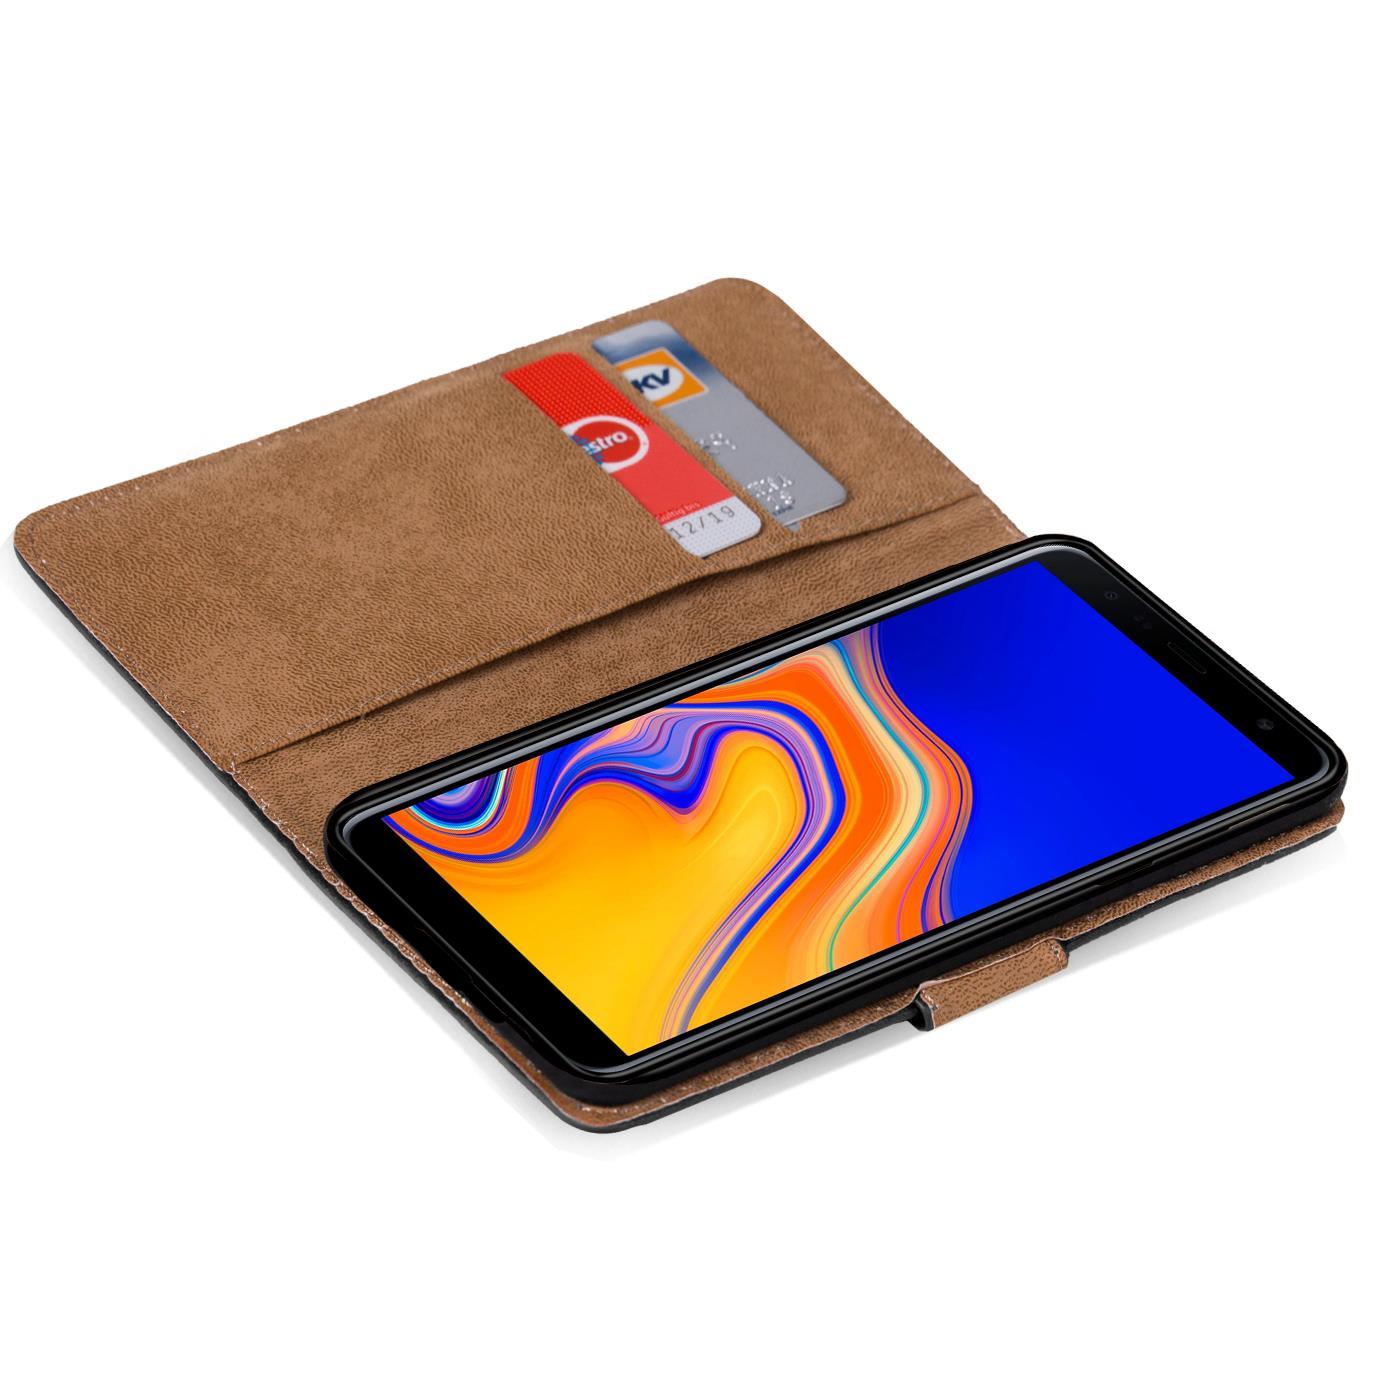 Samsung-Galaxy-J4-Plus-Handy-Klapp-Tasche-Schutz-Huelle-Book-Flip-Cover-Case-Etui Indexbild 22